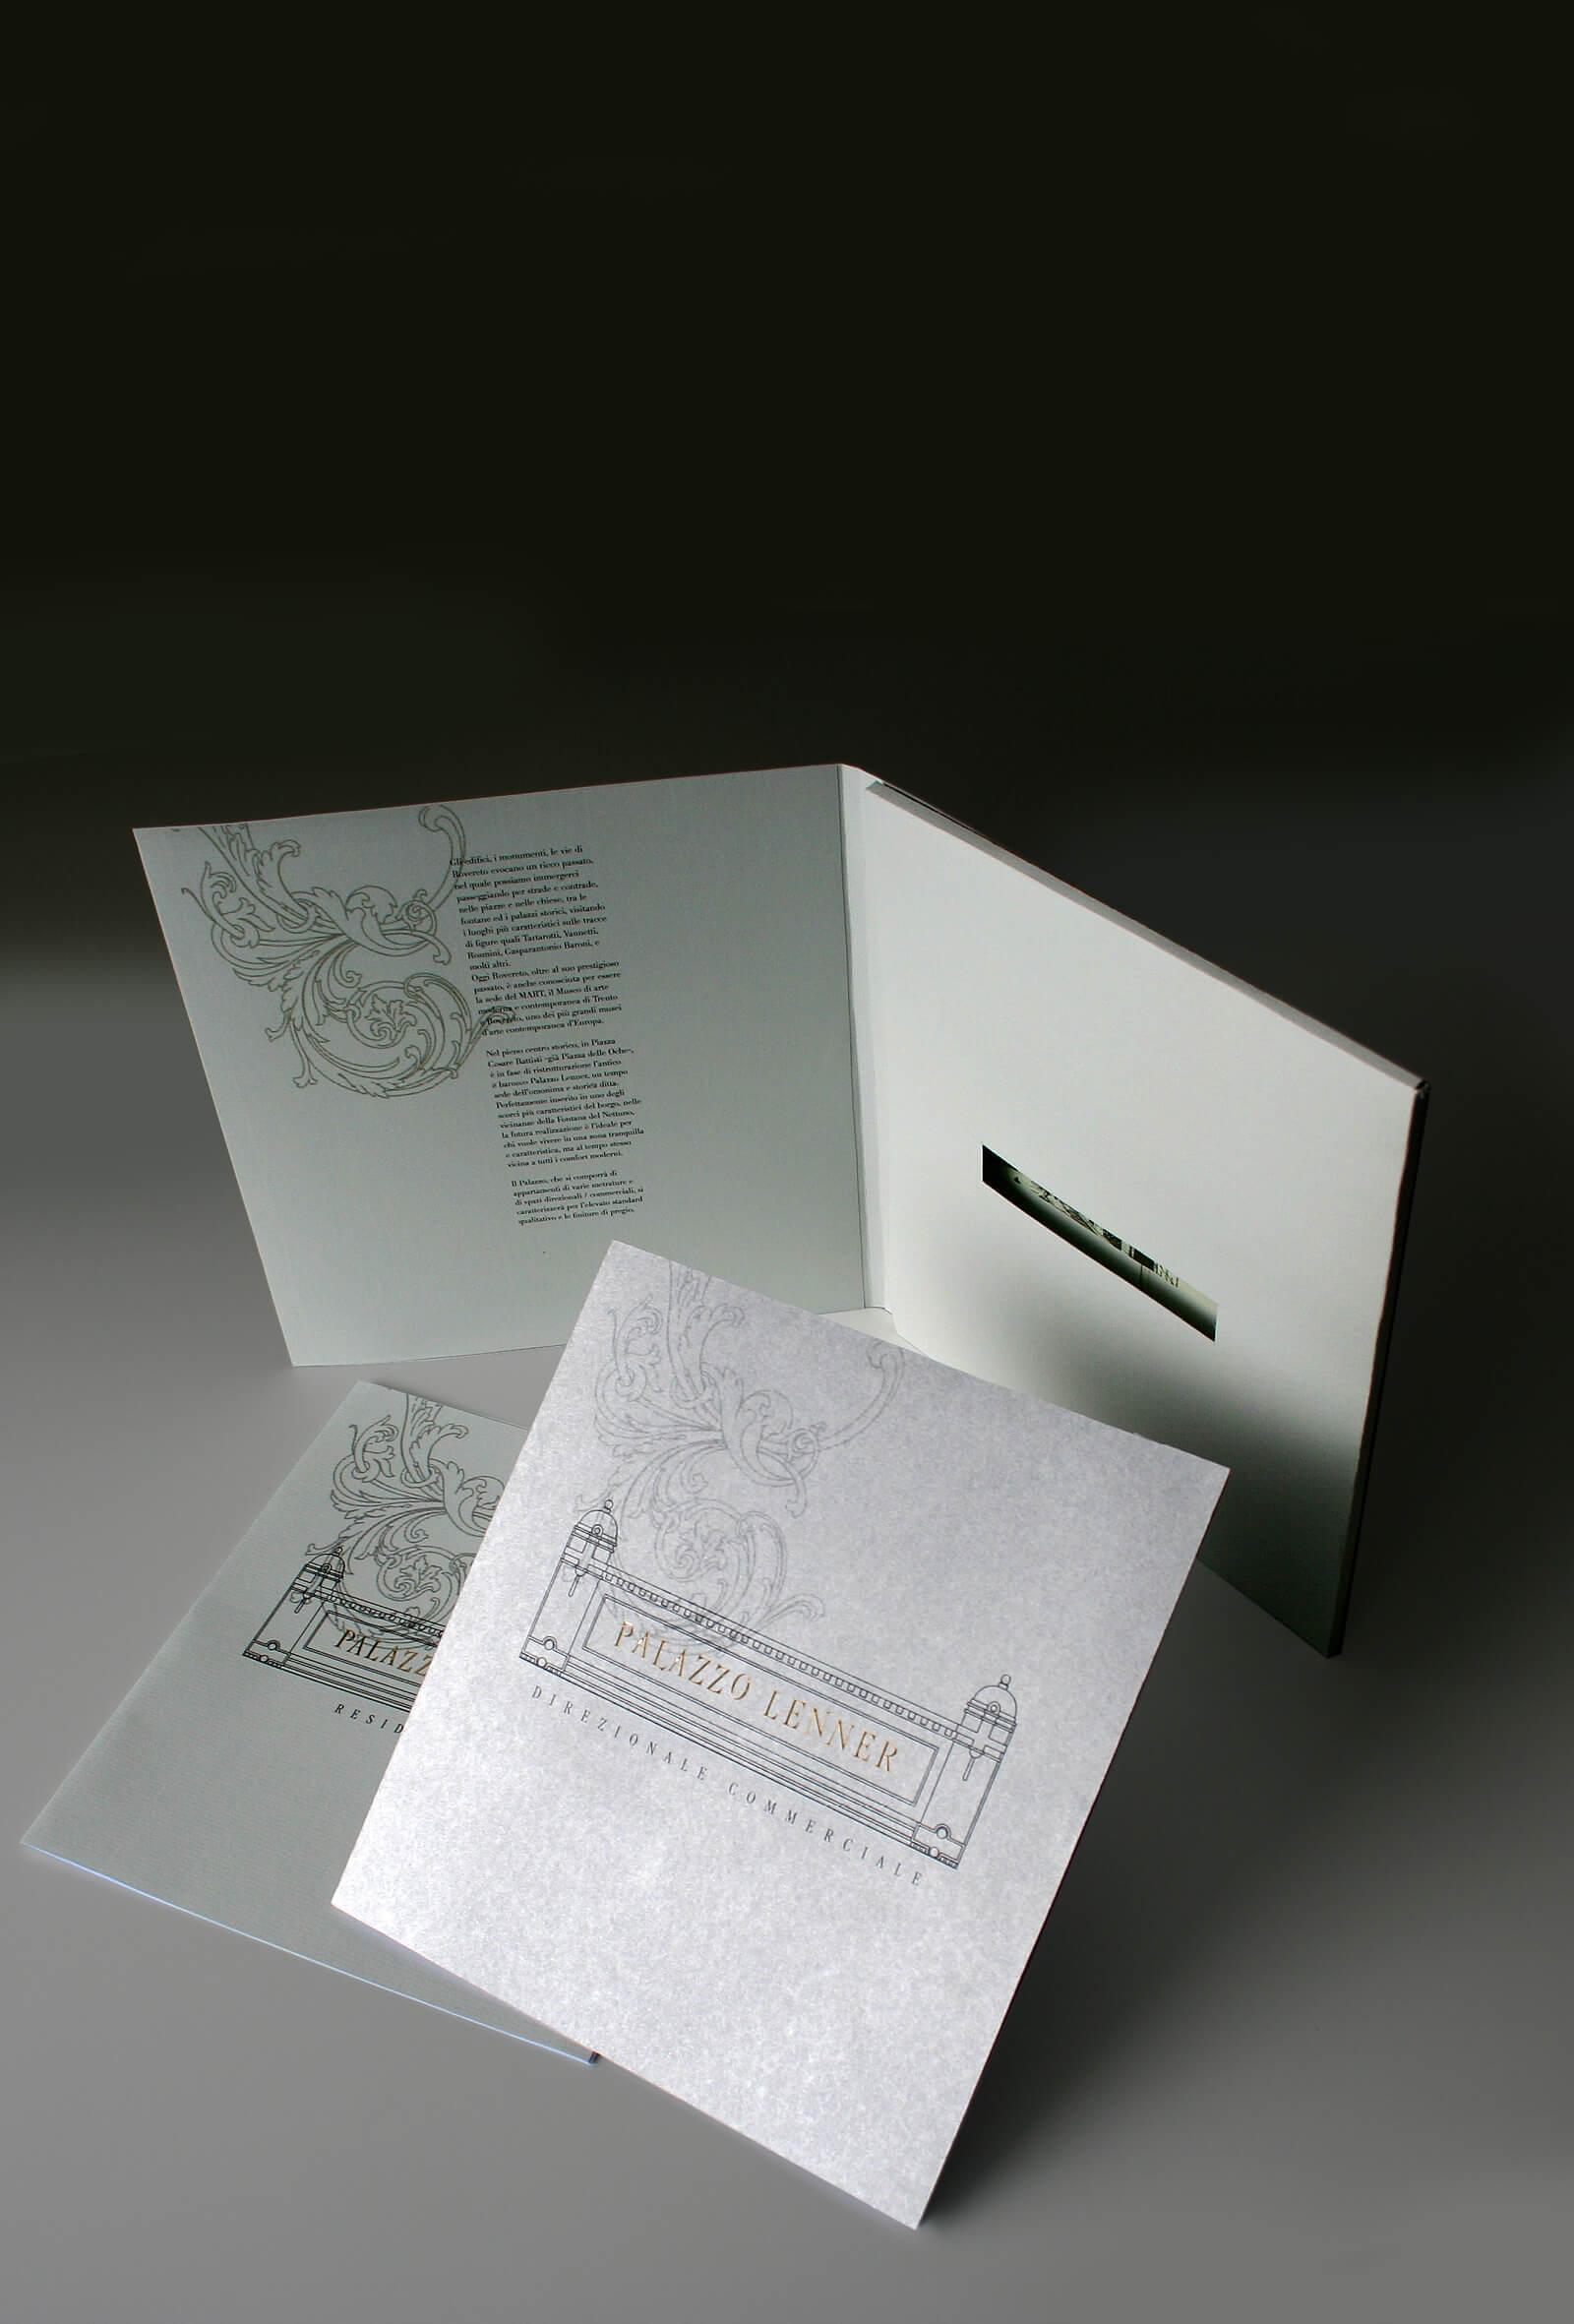 dettaglio della copertina stampa in argento per brochure bella e raffinata, progetto studio grafico diade design trento